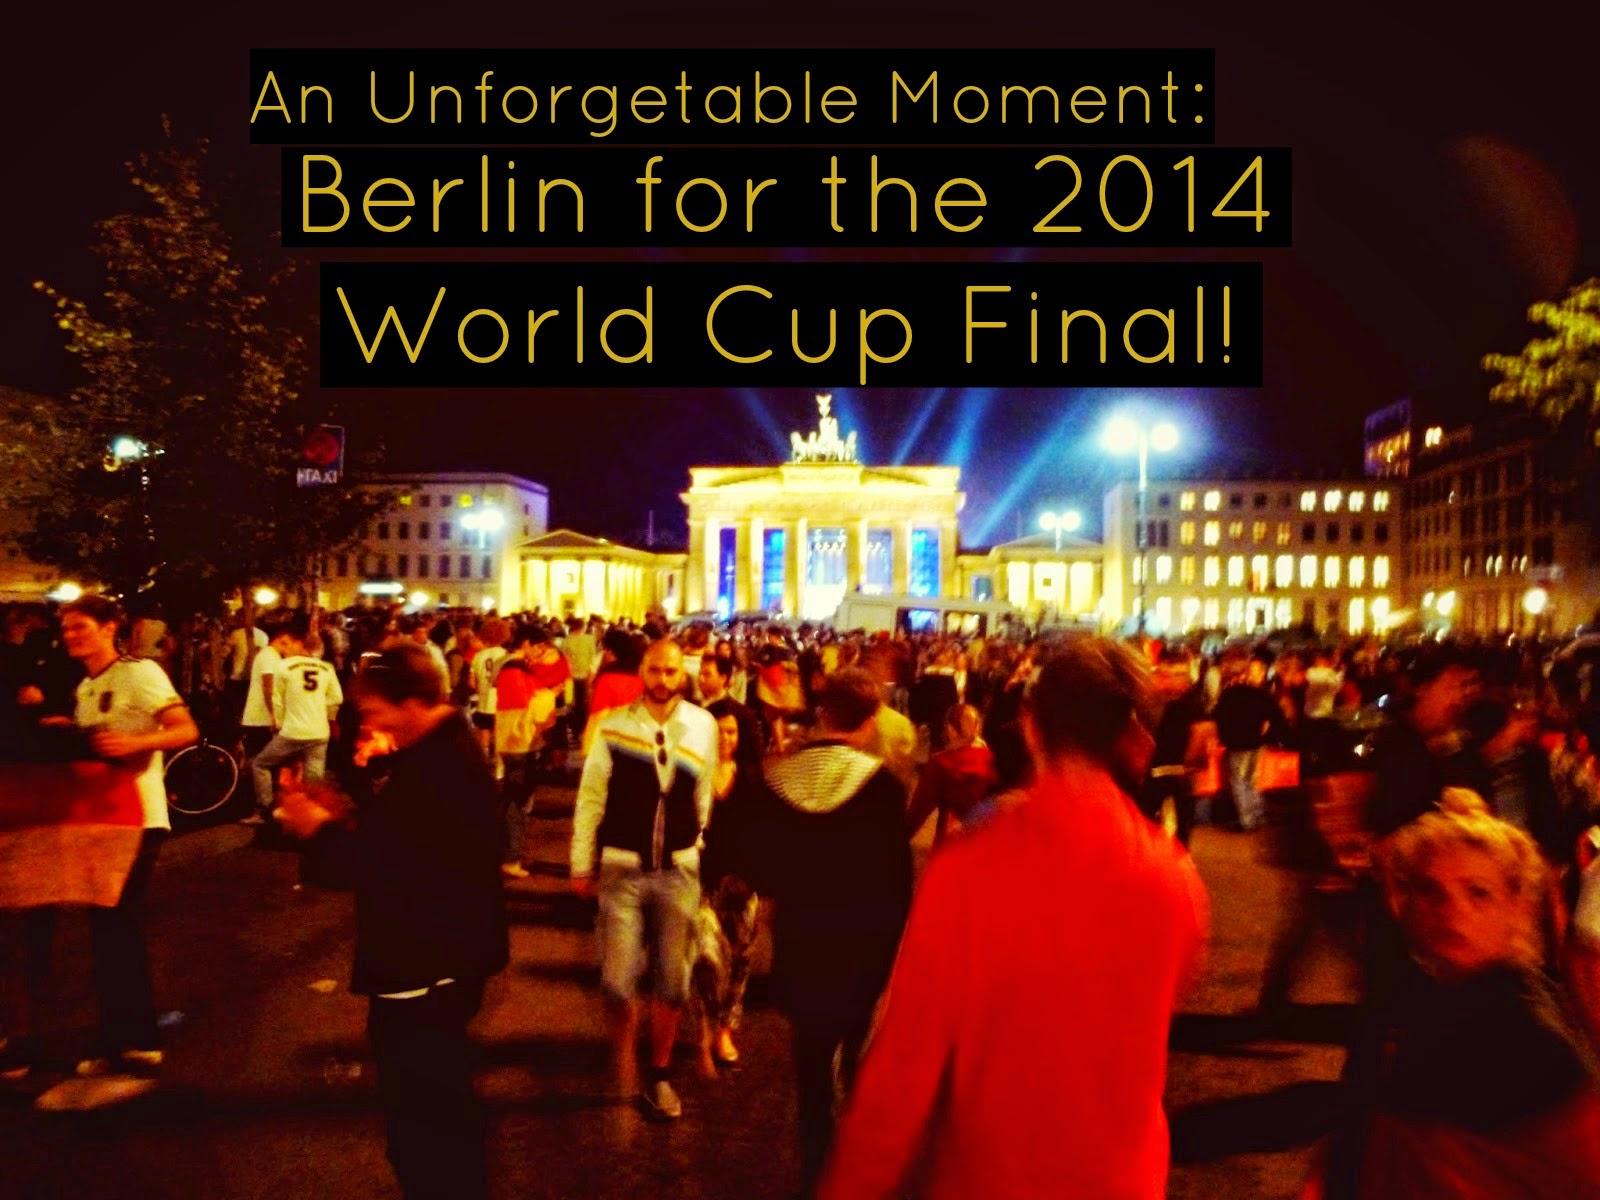 World Cup Final 2014 Berlin